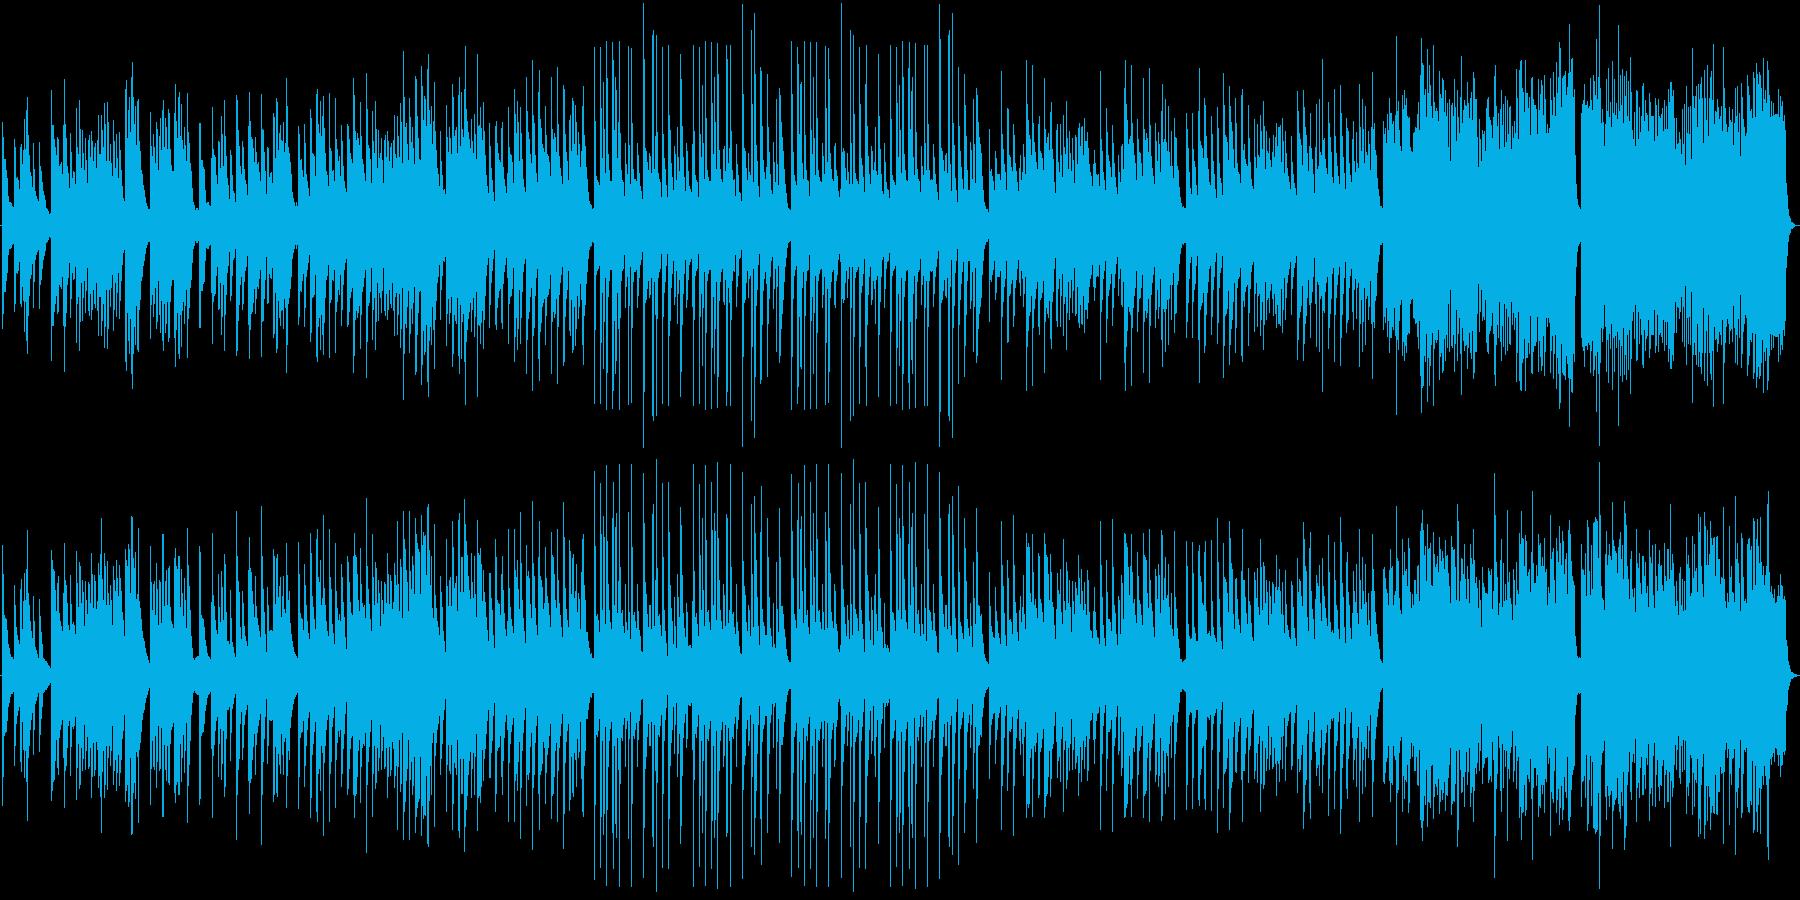 お正月の歌3曲メドレー 琴バージョンの再生済みの波形